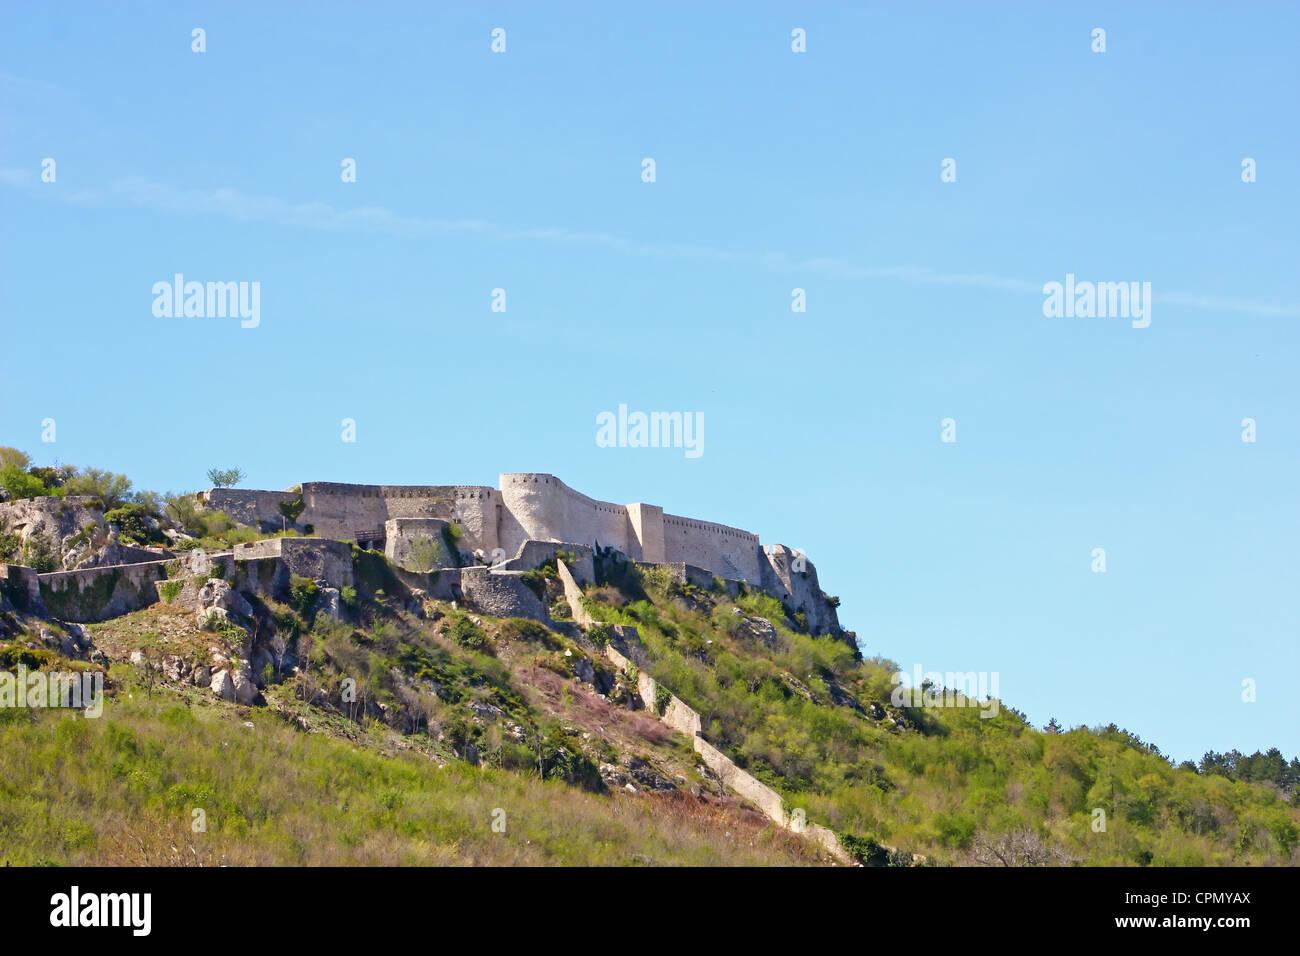 Festung von Knin, zweitgrößte militärische Festung Europas, Stadt Knin, Kroatien Stockbild